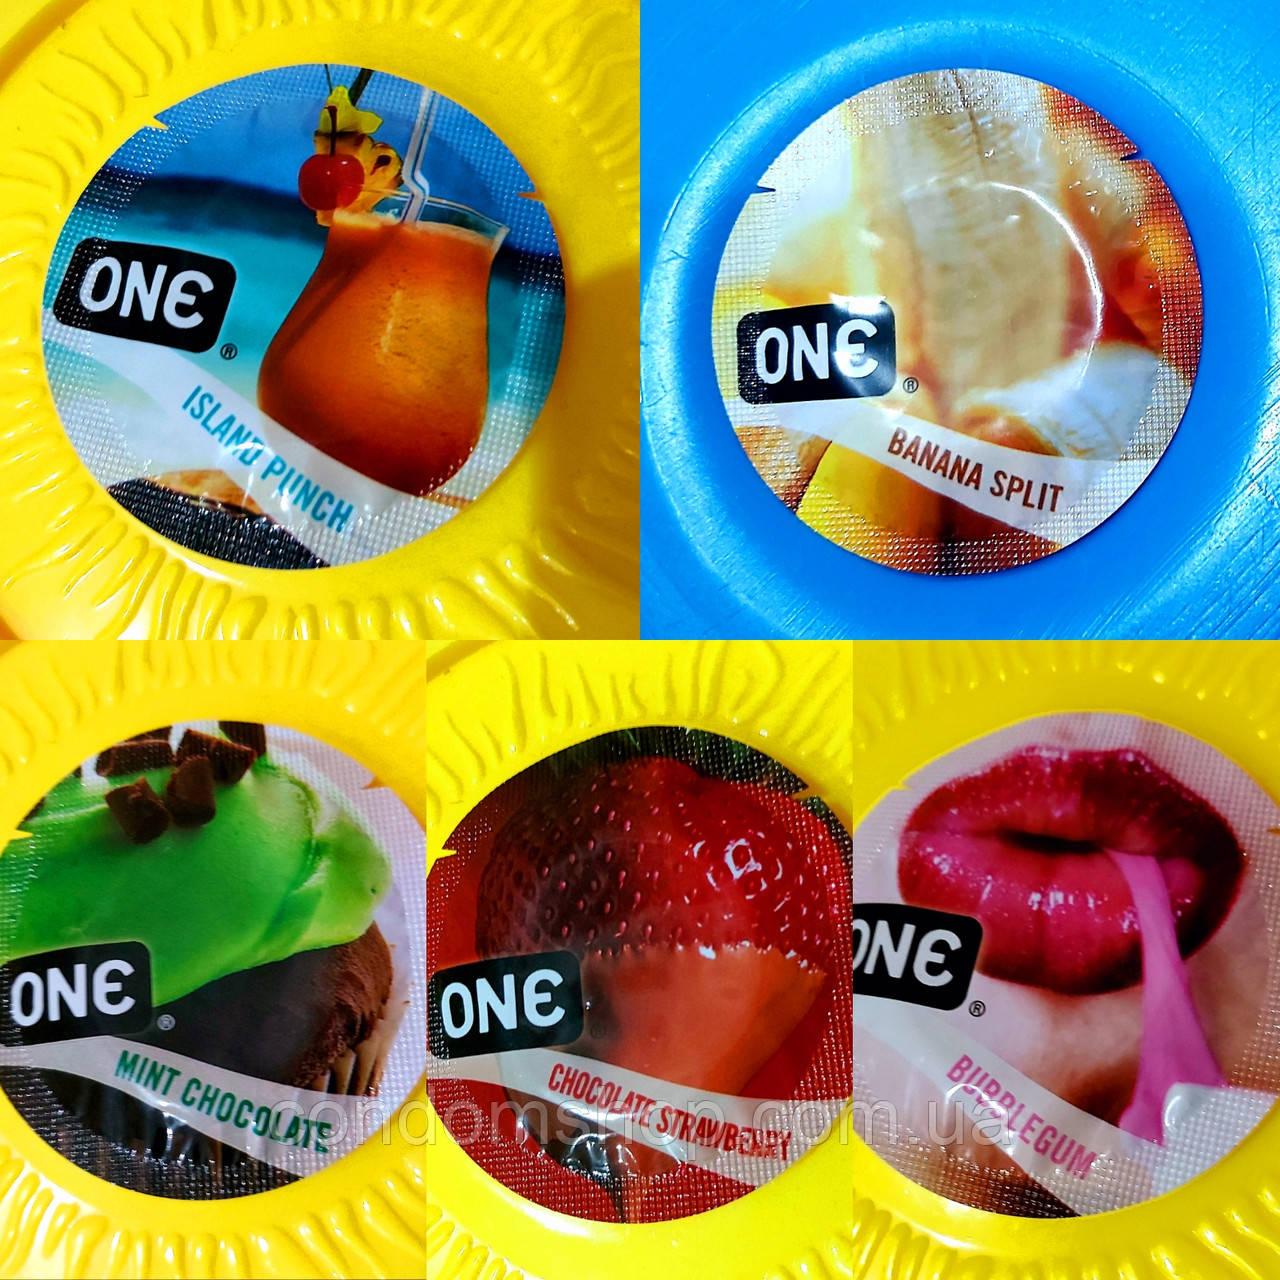 Цветные презервативы со вкусами Премиум сегмента One.Малайзия.1 шт. В ассортименте.Качество Durex.